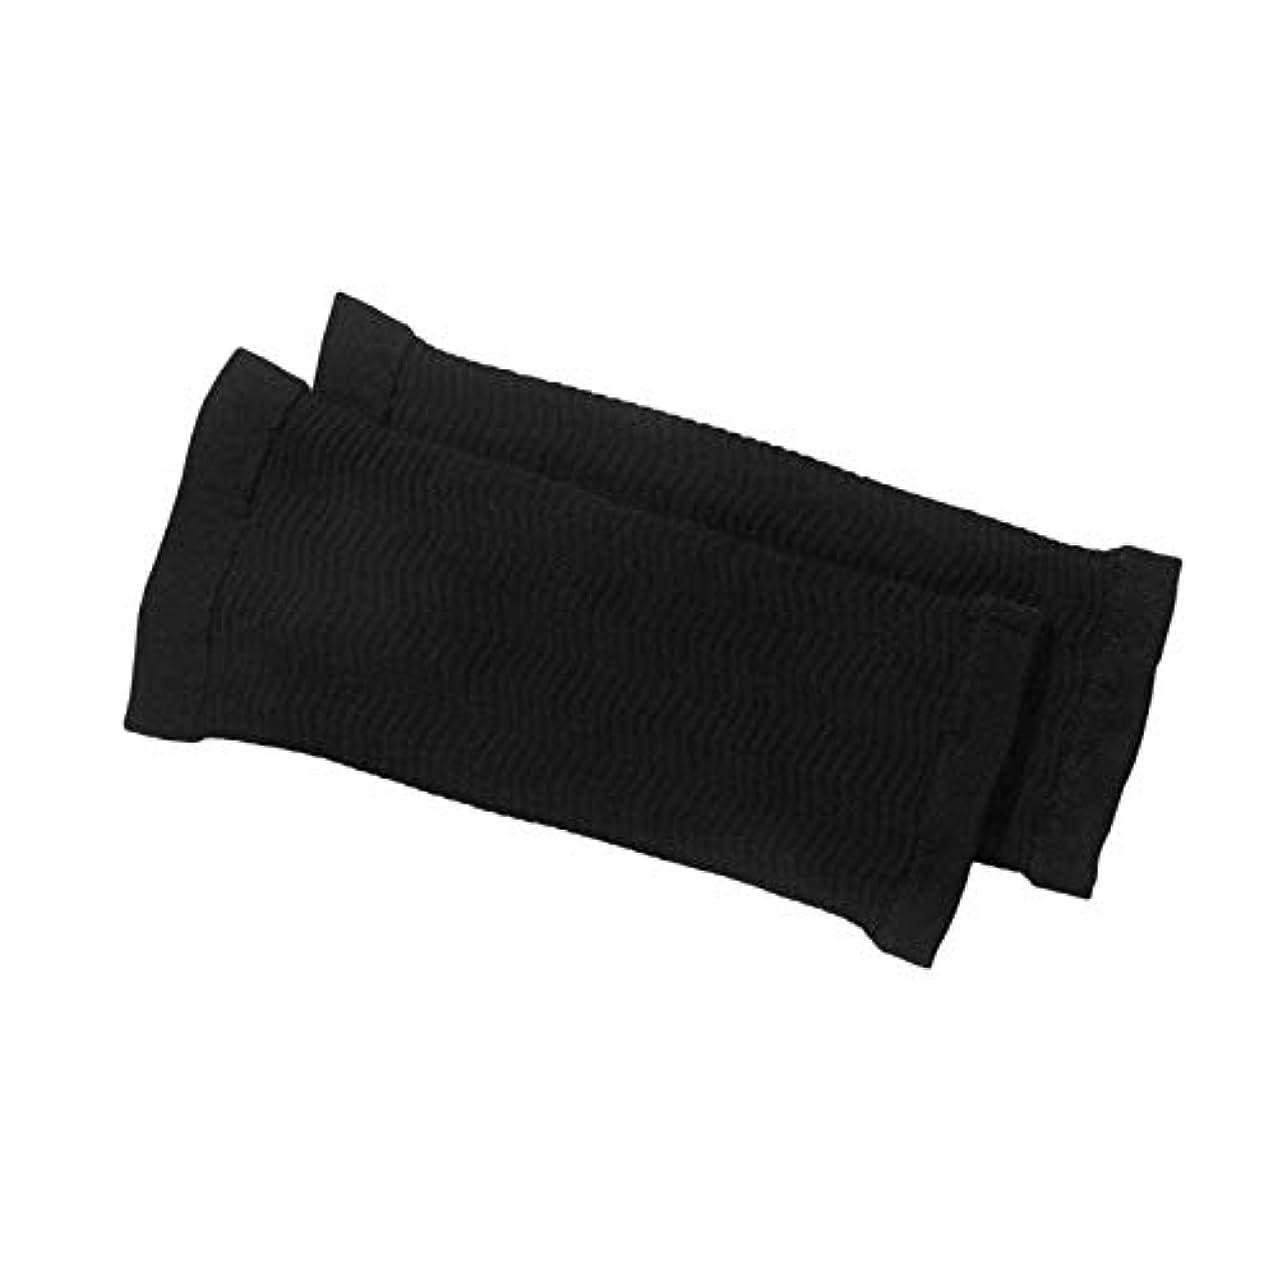 かすれた同性愛者描く1ペア420 D圧縮痩身アームスリーブワークアウトトーニングバーンセルライトシェイパー脂肪燃焼袖用女性 - 黒